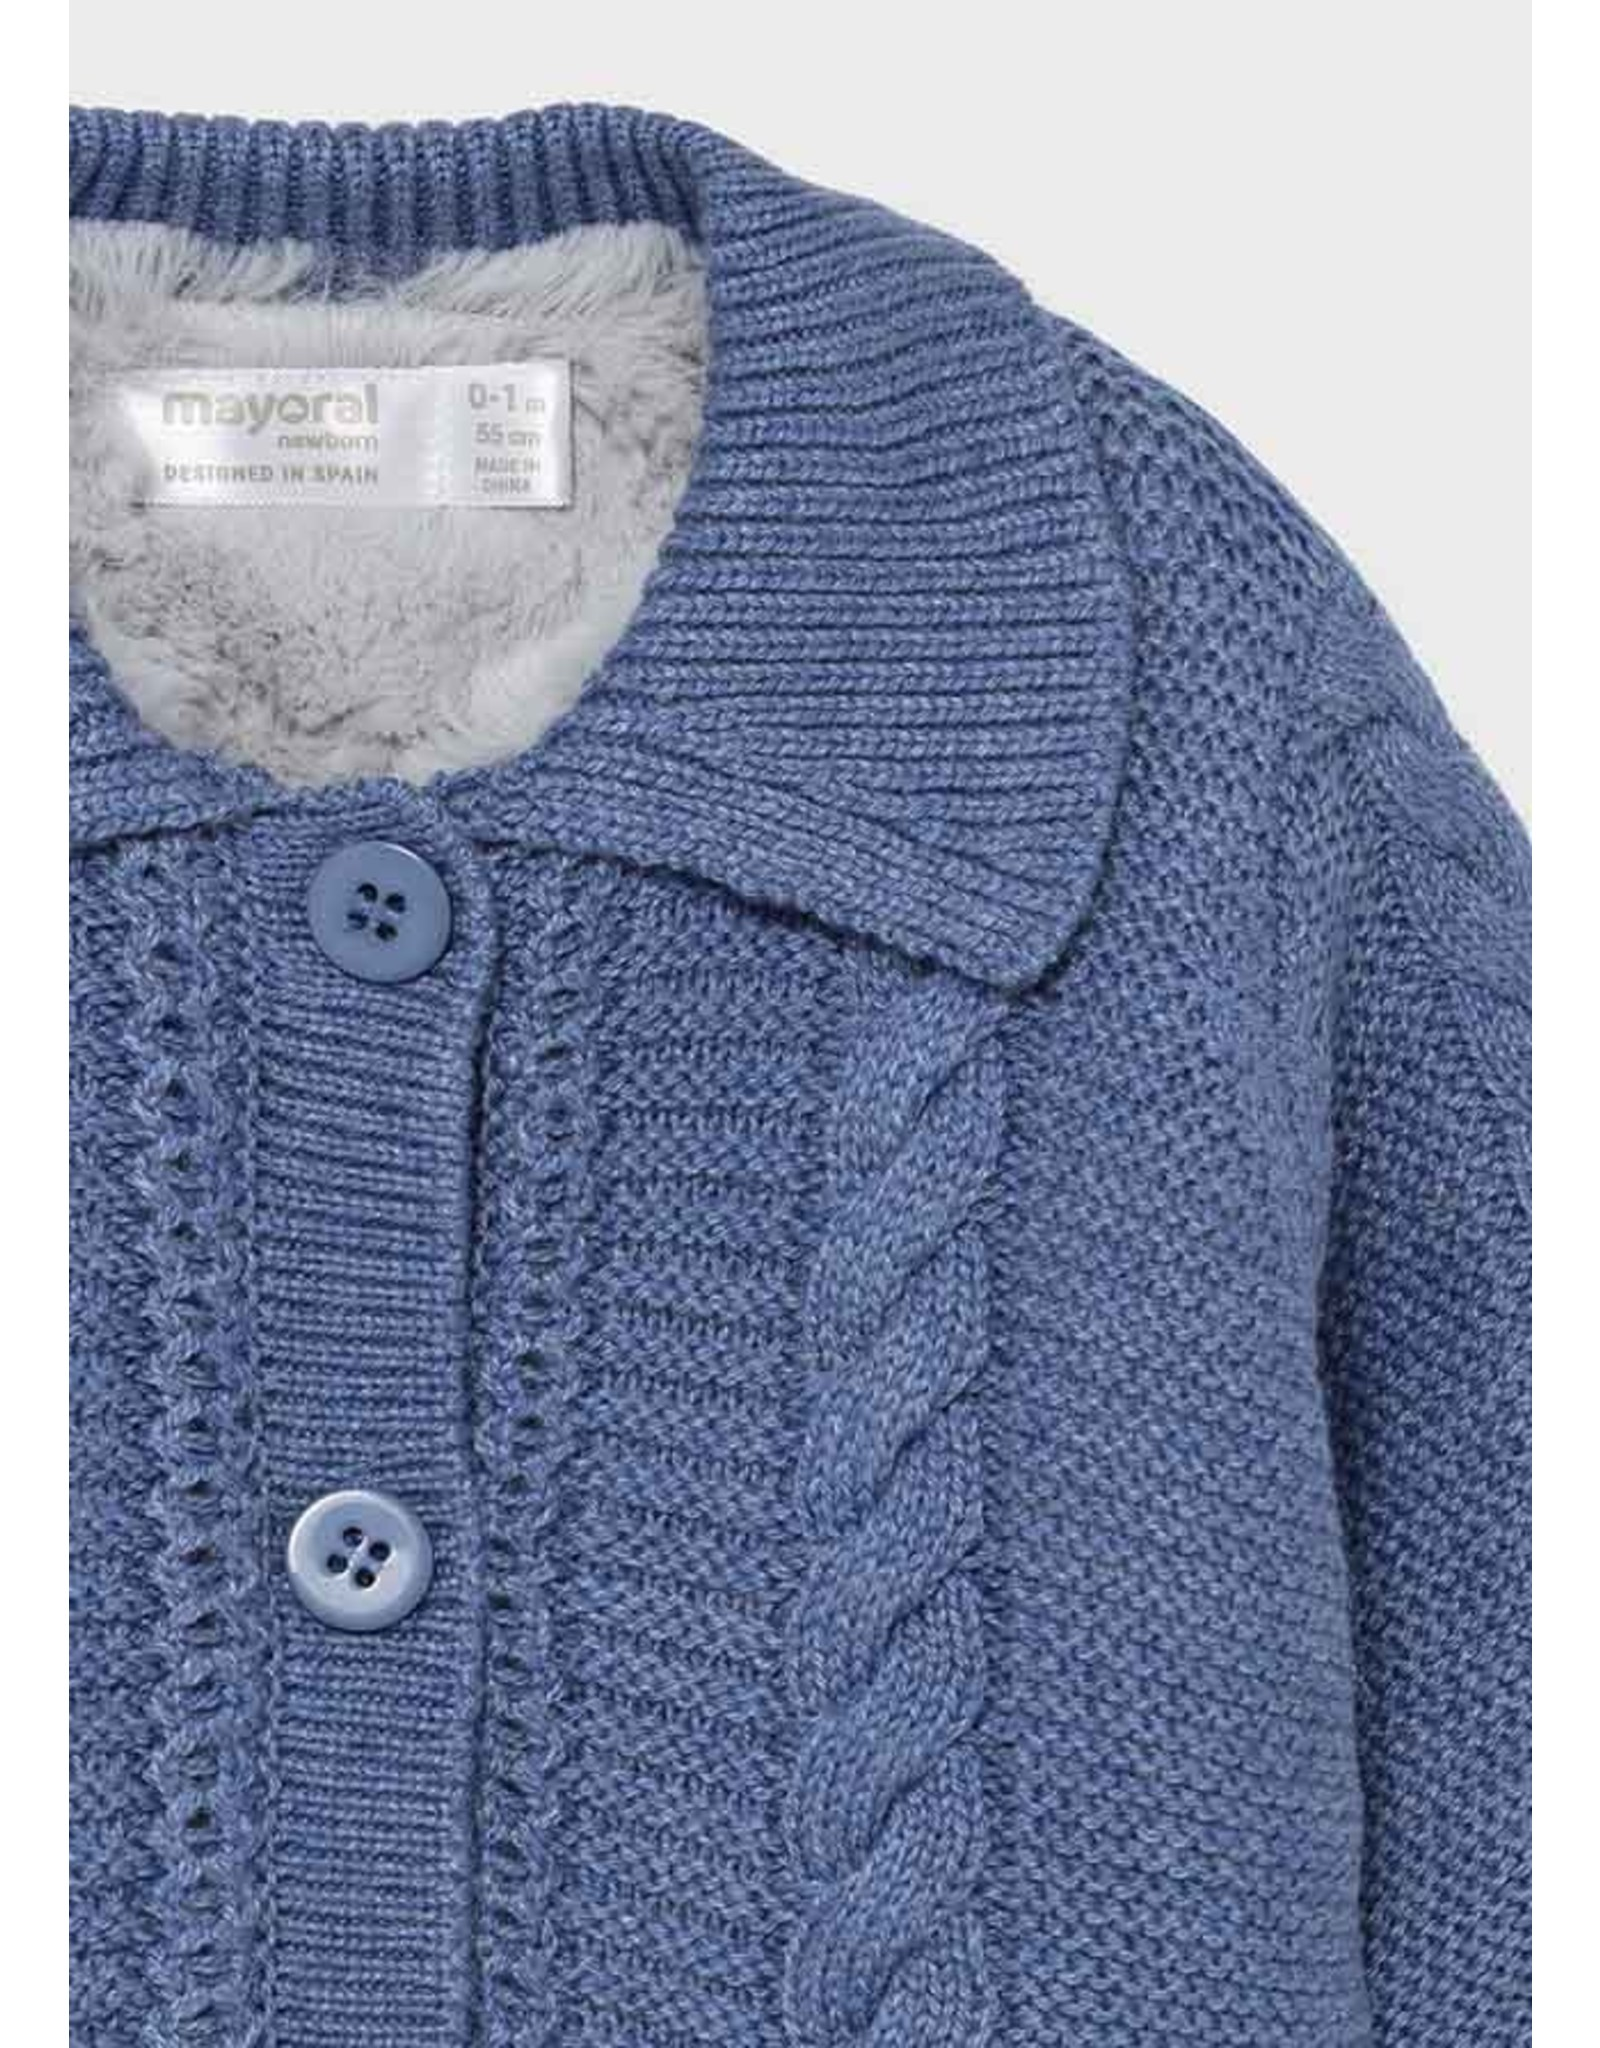 Mayoral Knit Cardigan w/Fur Lining